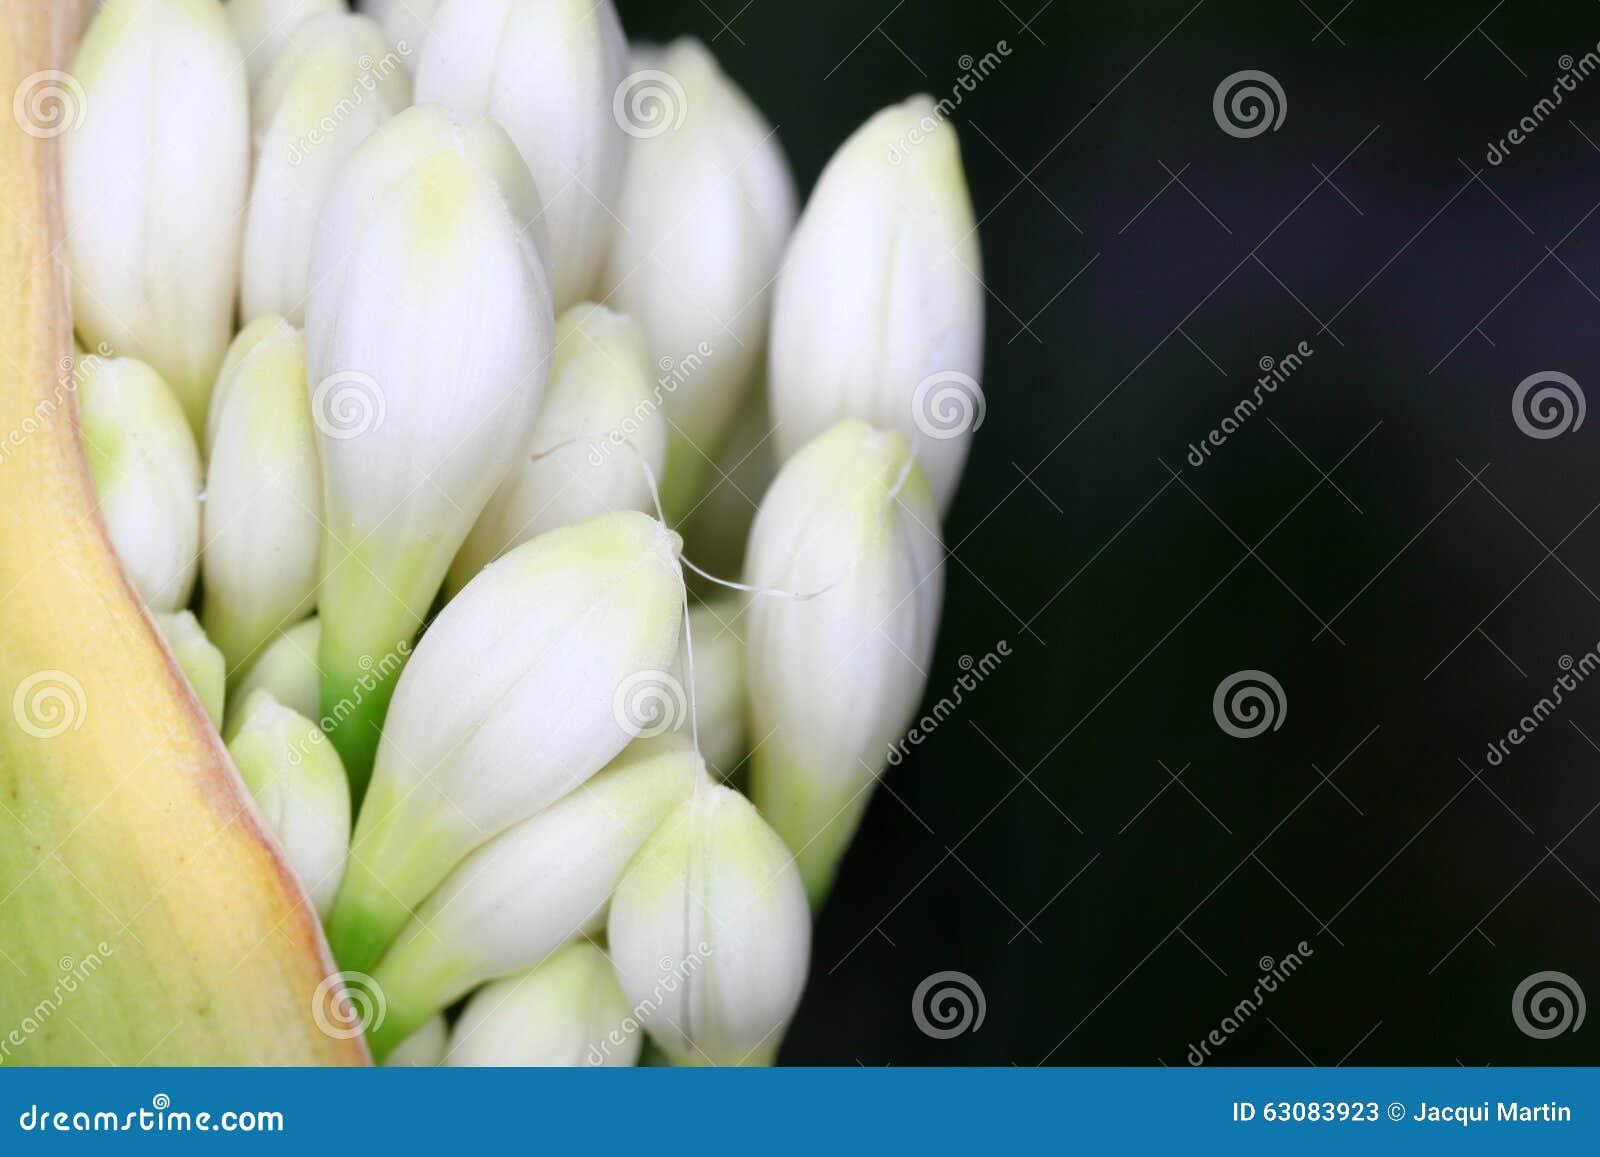 Download Agapanthus image stock. Image du ressort, bleu, instruction - 63083923